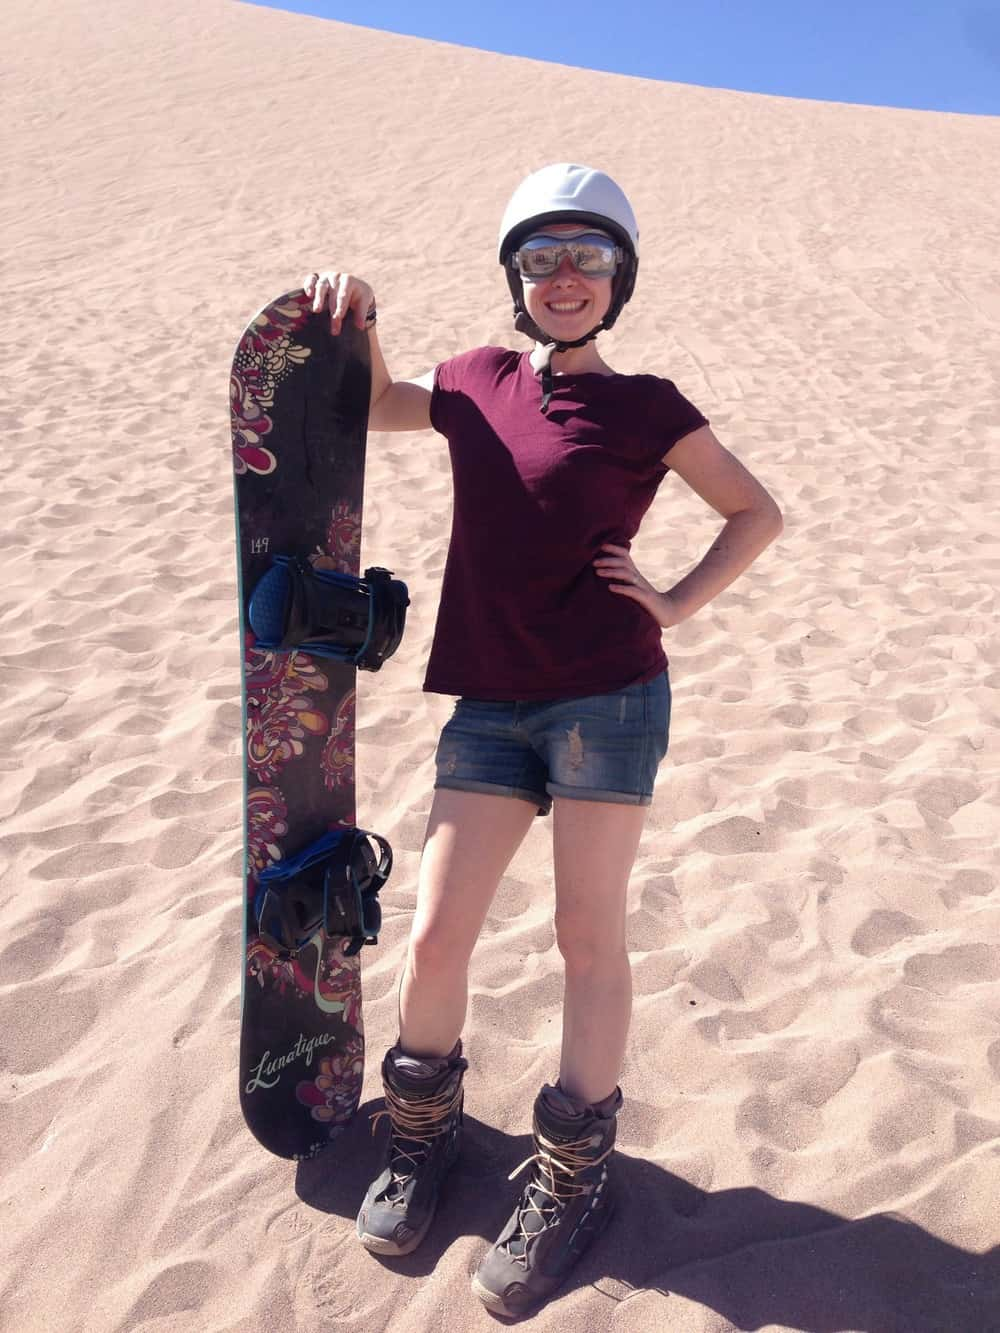 sarah - sand dunes